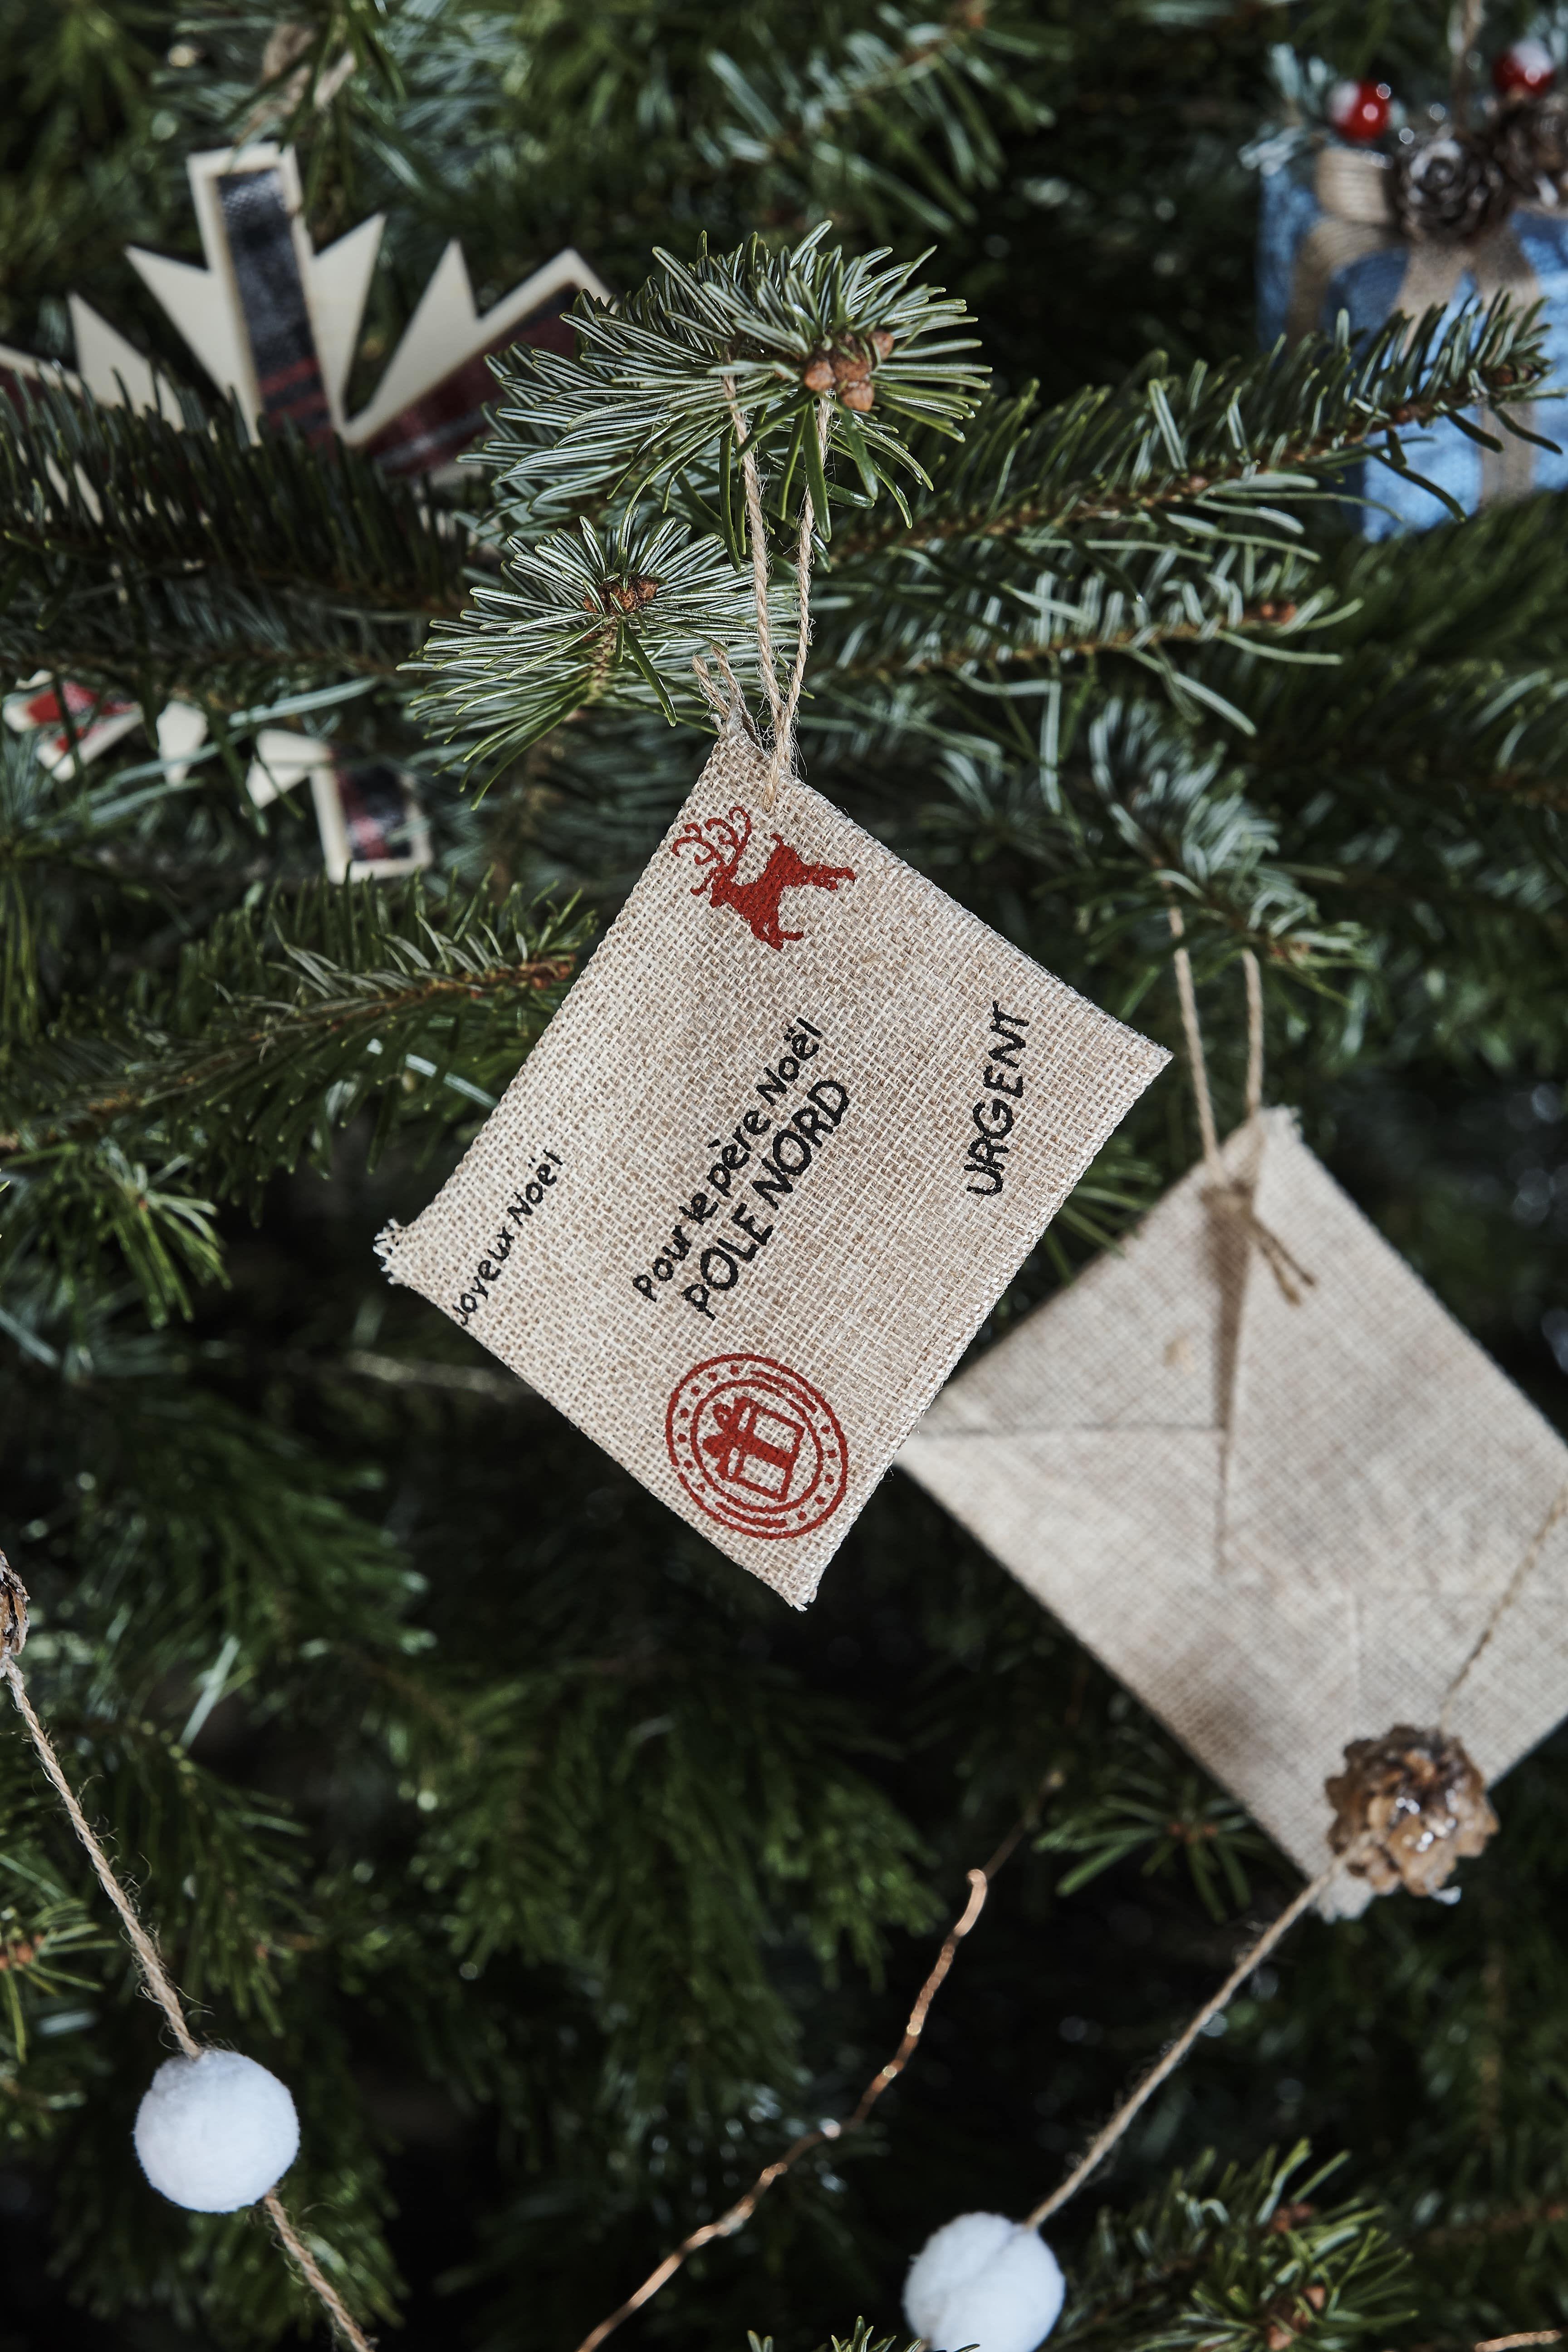 Les 4 Collections De Noel 2019 Deco Noel Gifi Noel Et Deco Noel